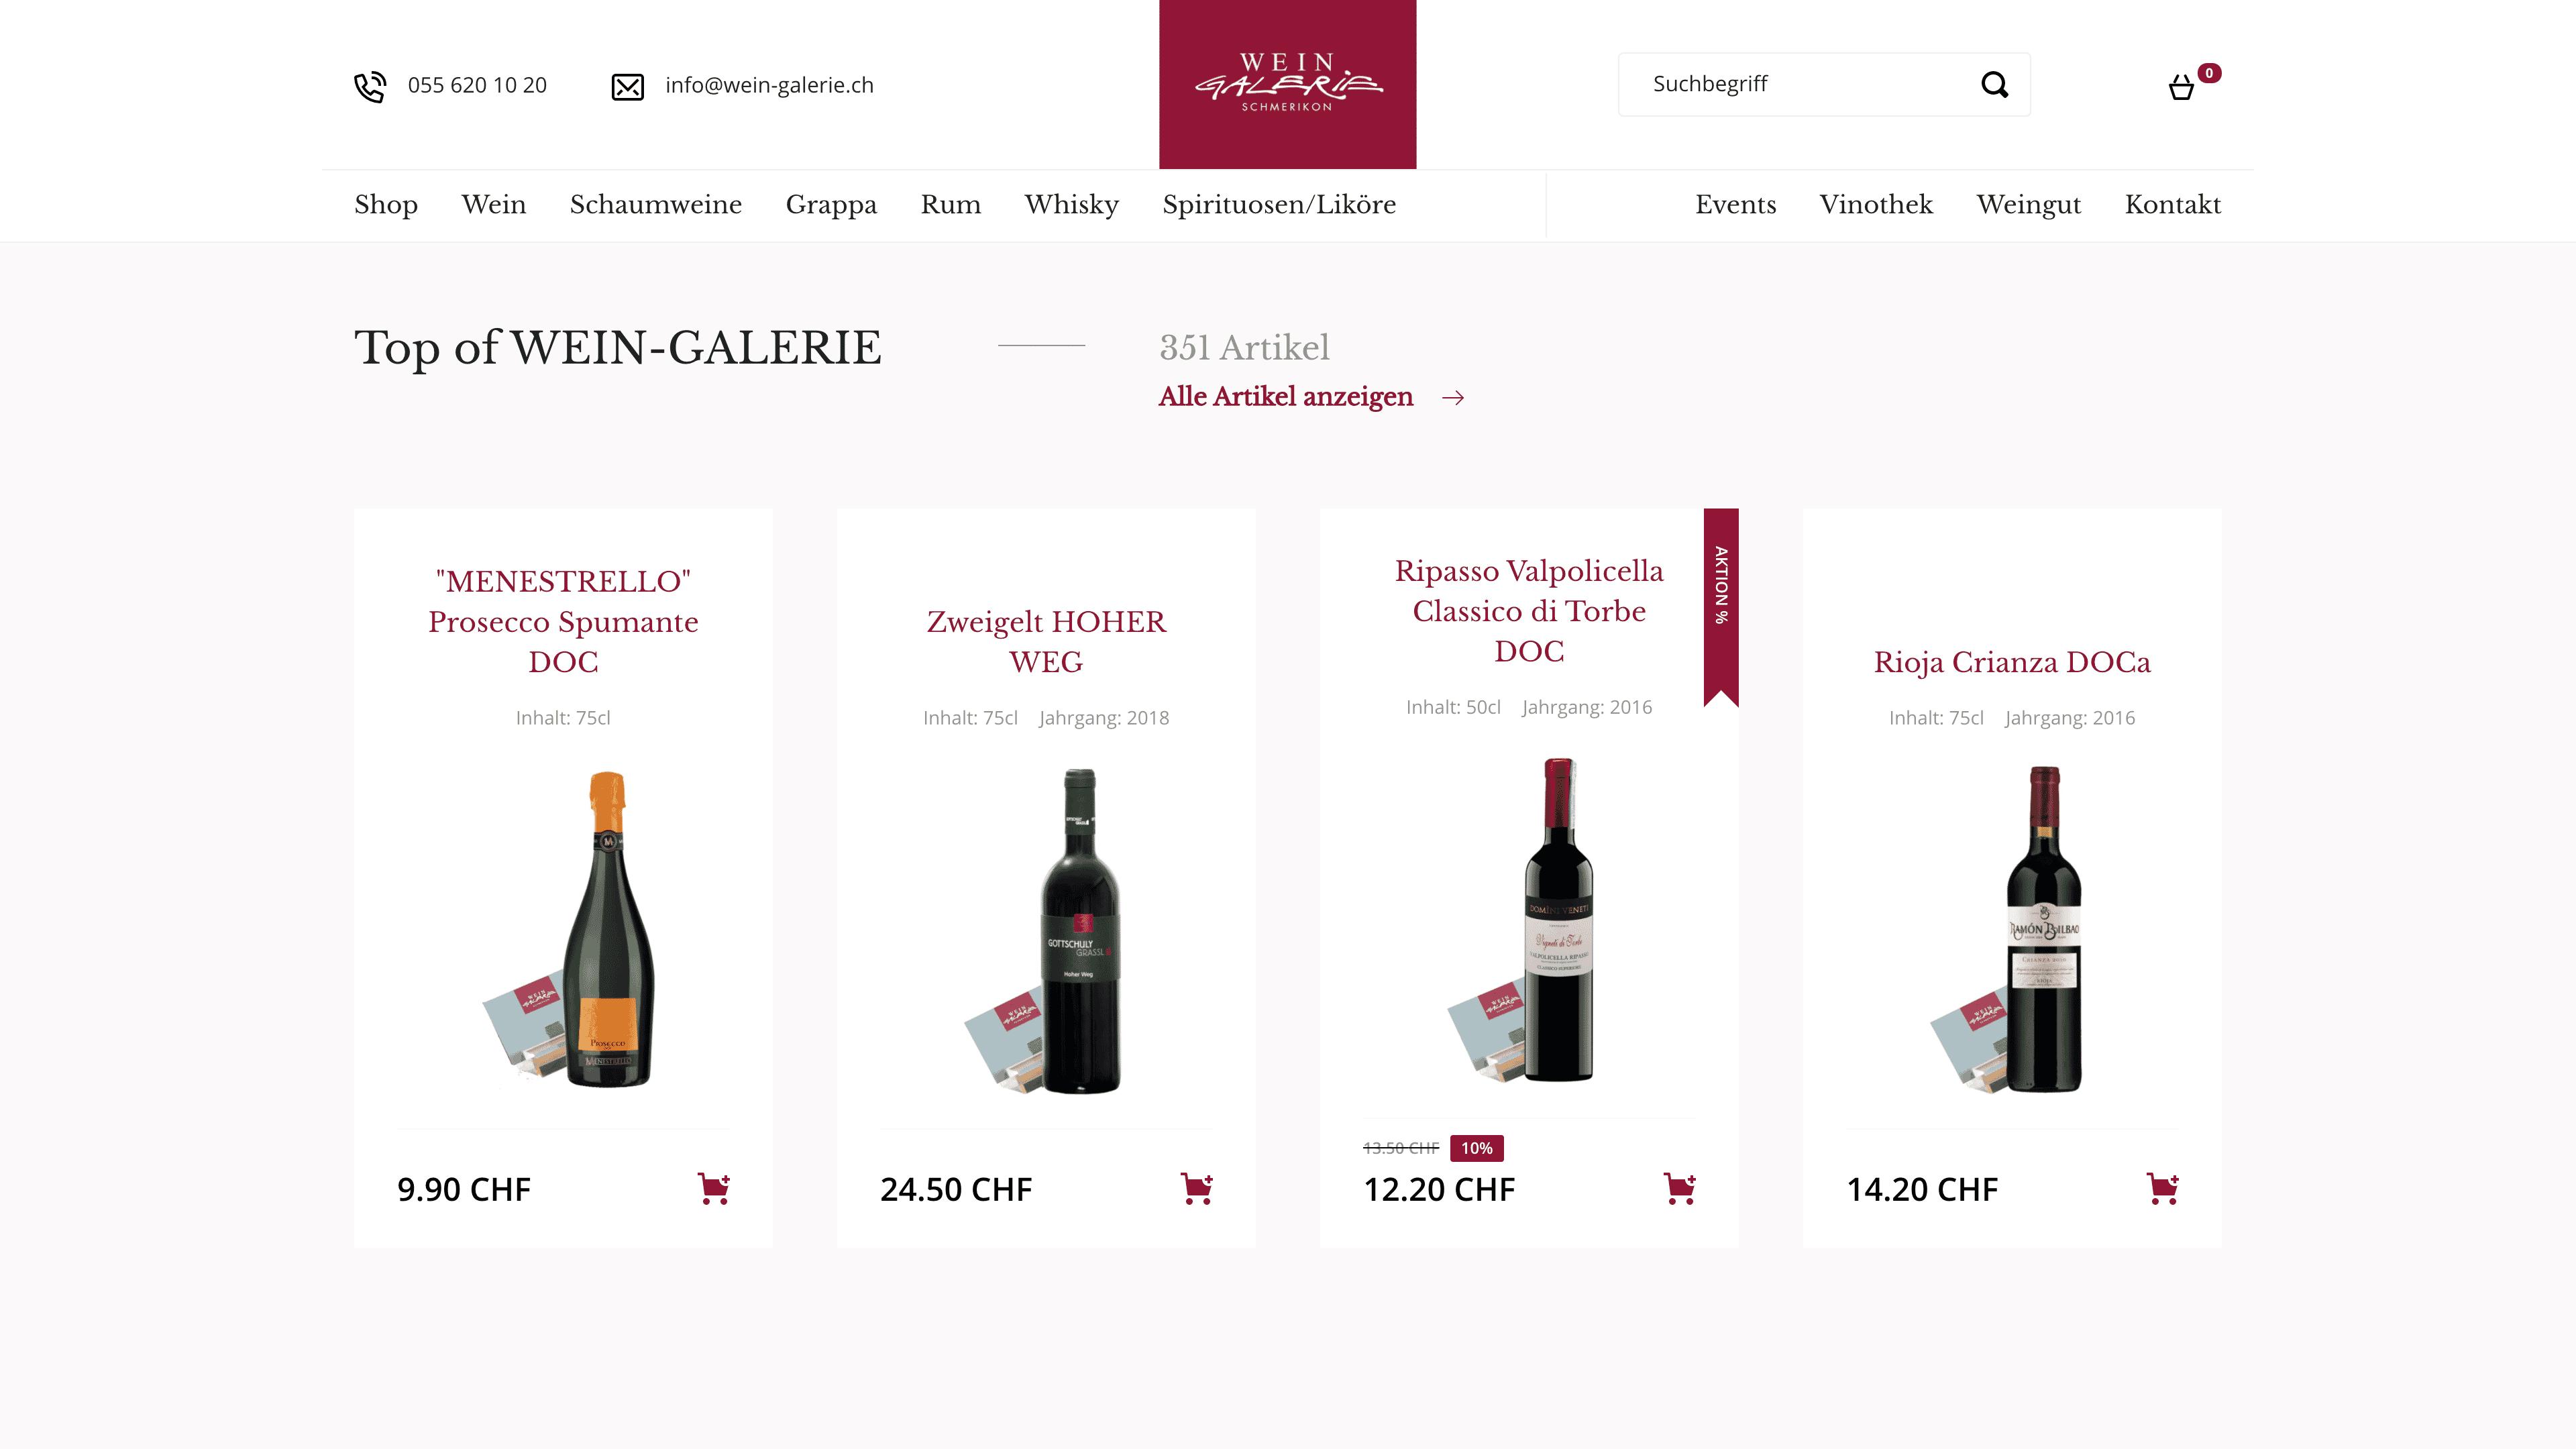 Wein Galerie Schmerikon - Webshop auf Wordpress mit WooCommerce - Produkte